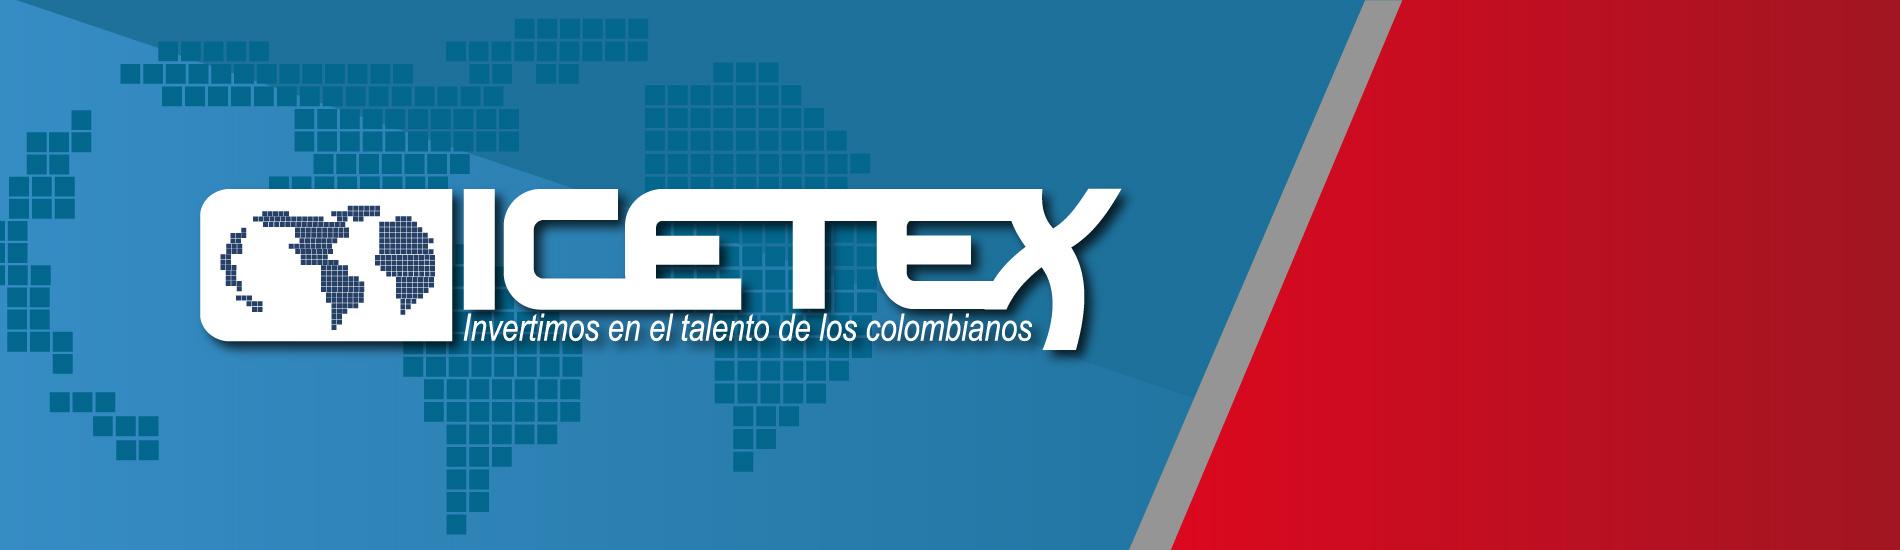 Gobierno Nacional presenta Plan de Auxilios Educativos para beneficiarios de ICETEX por emergencia del COVID-19